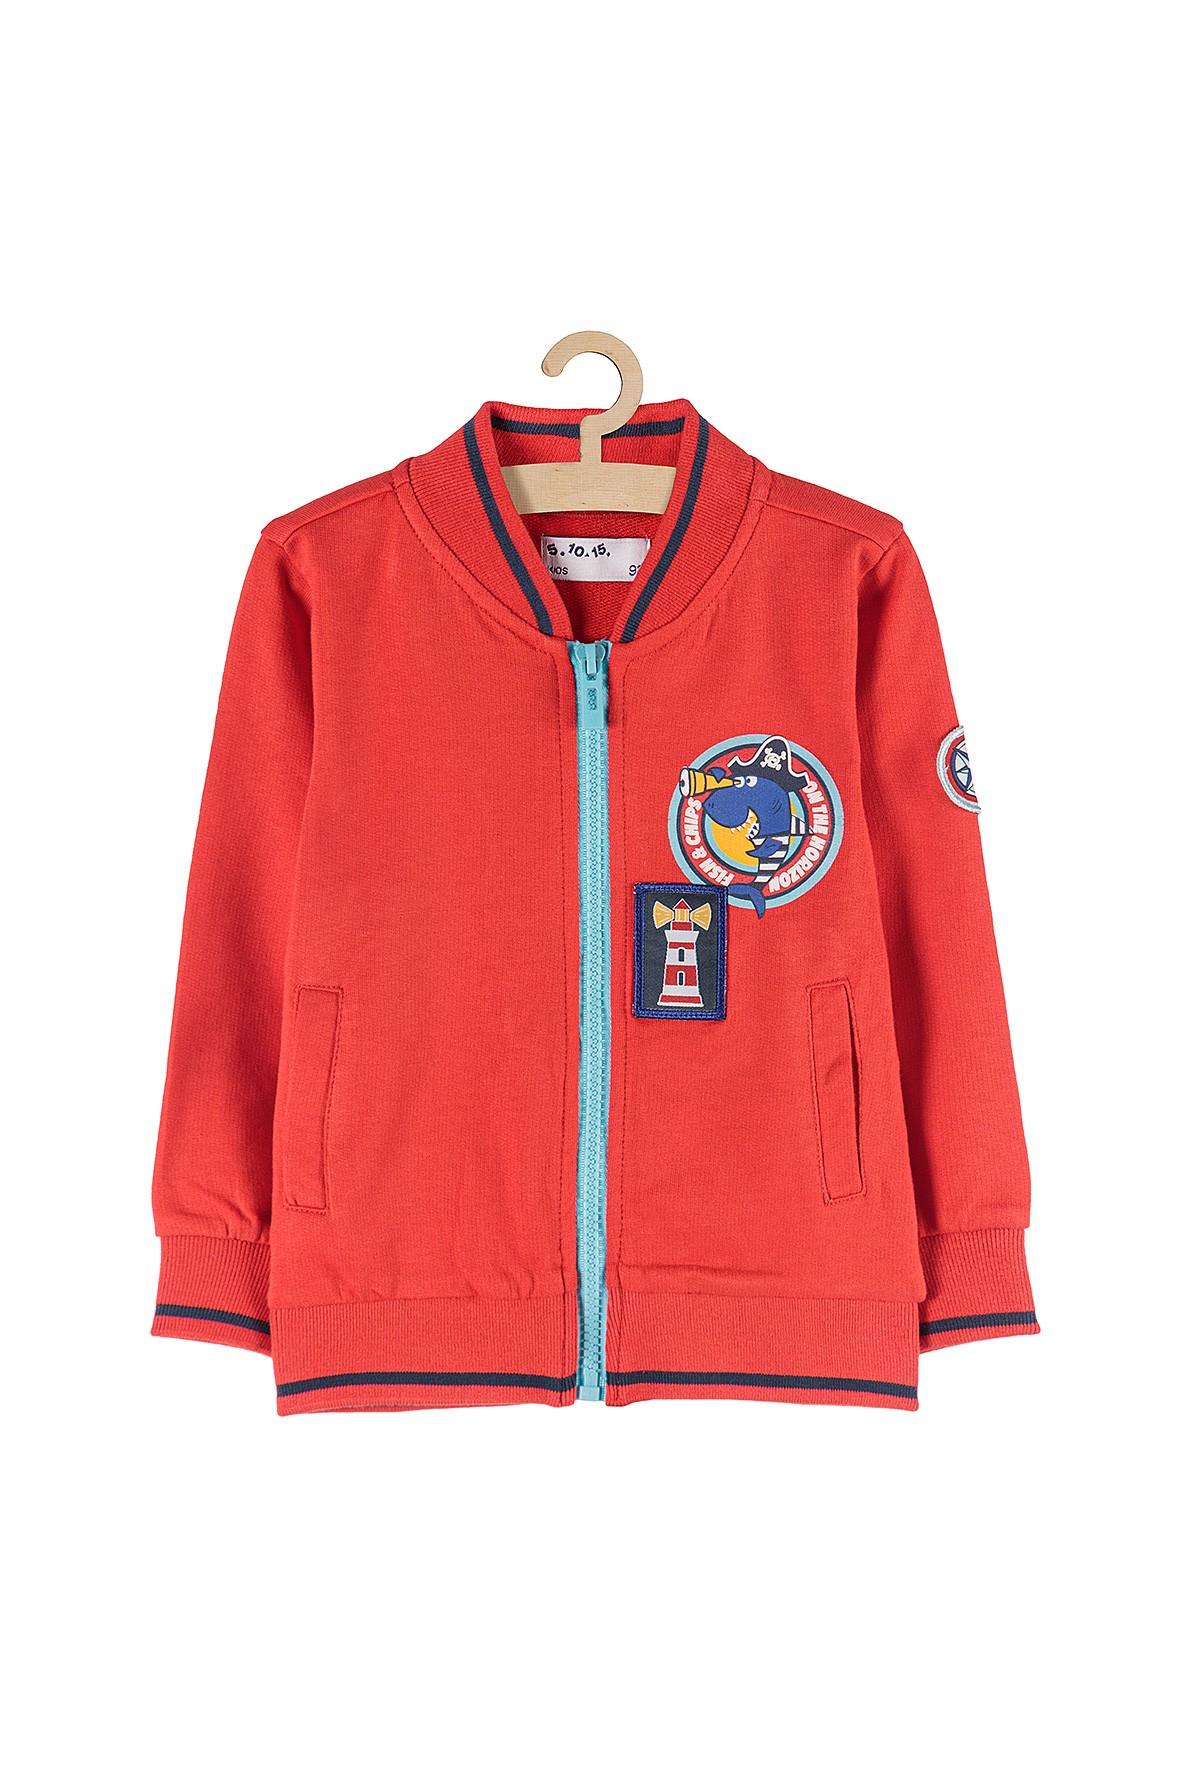 Bluza rozpinana dresowa dla chłopca- czerwona z morskimi nadrukami